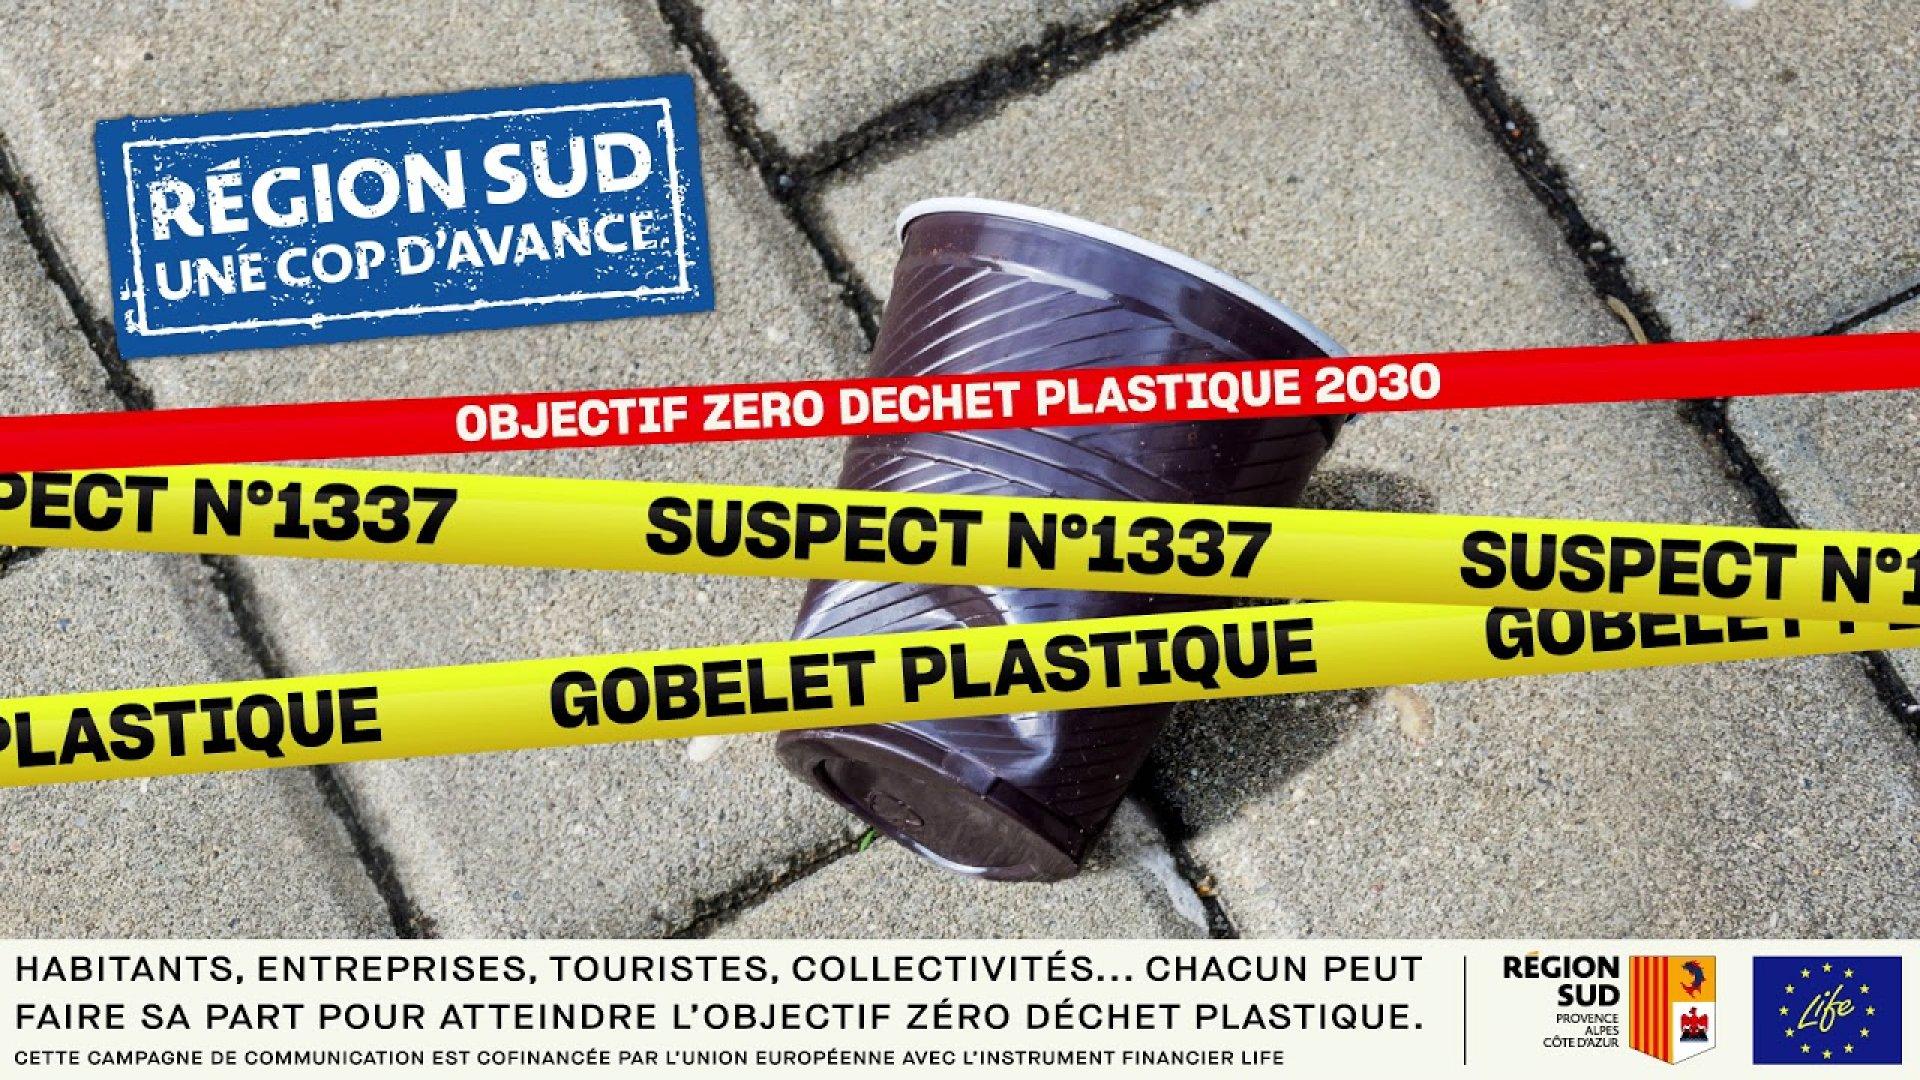 Zéro déchet plastique